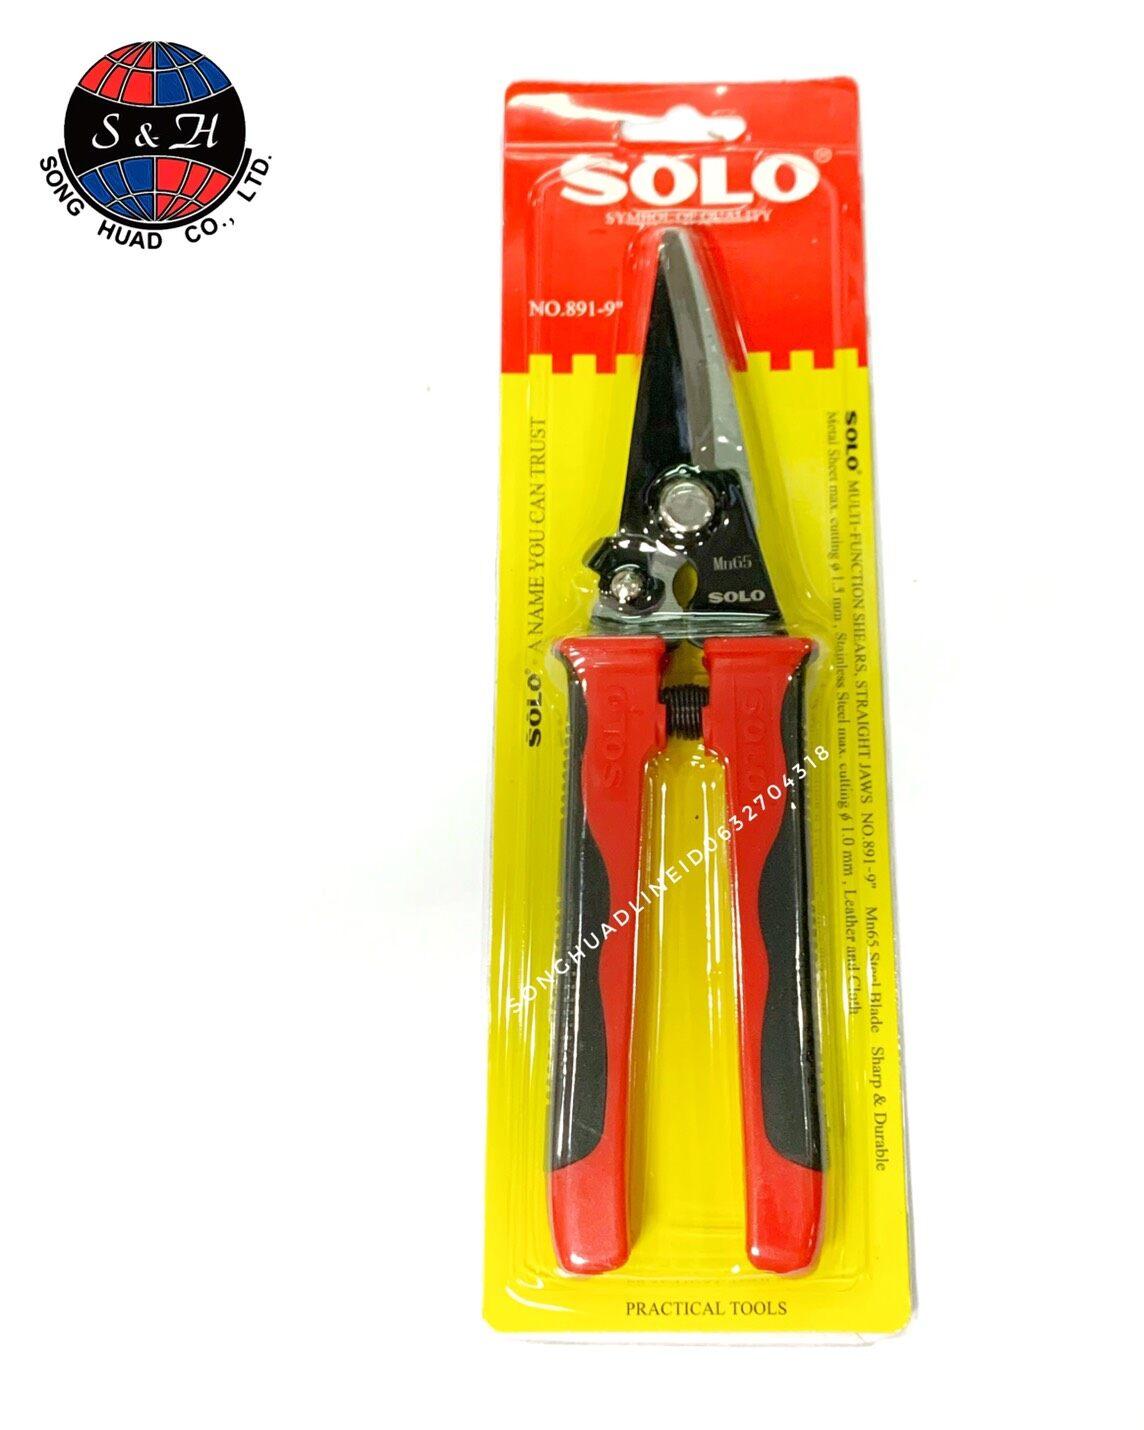 ของแท้ 100% Solo No.891-9 กรรไกรอเนกประสงค์ กรรไกรตัดแผ่นเหล็ก แผ่นสแตนเลสตัดผ้า ตัดหนัง ตัดกระดาษ กรรไกรโซโล.